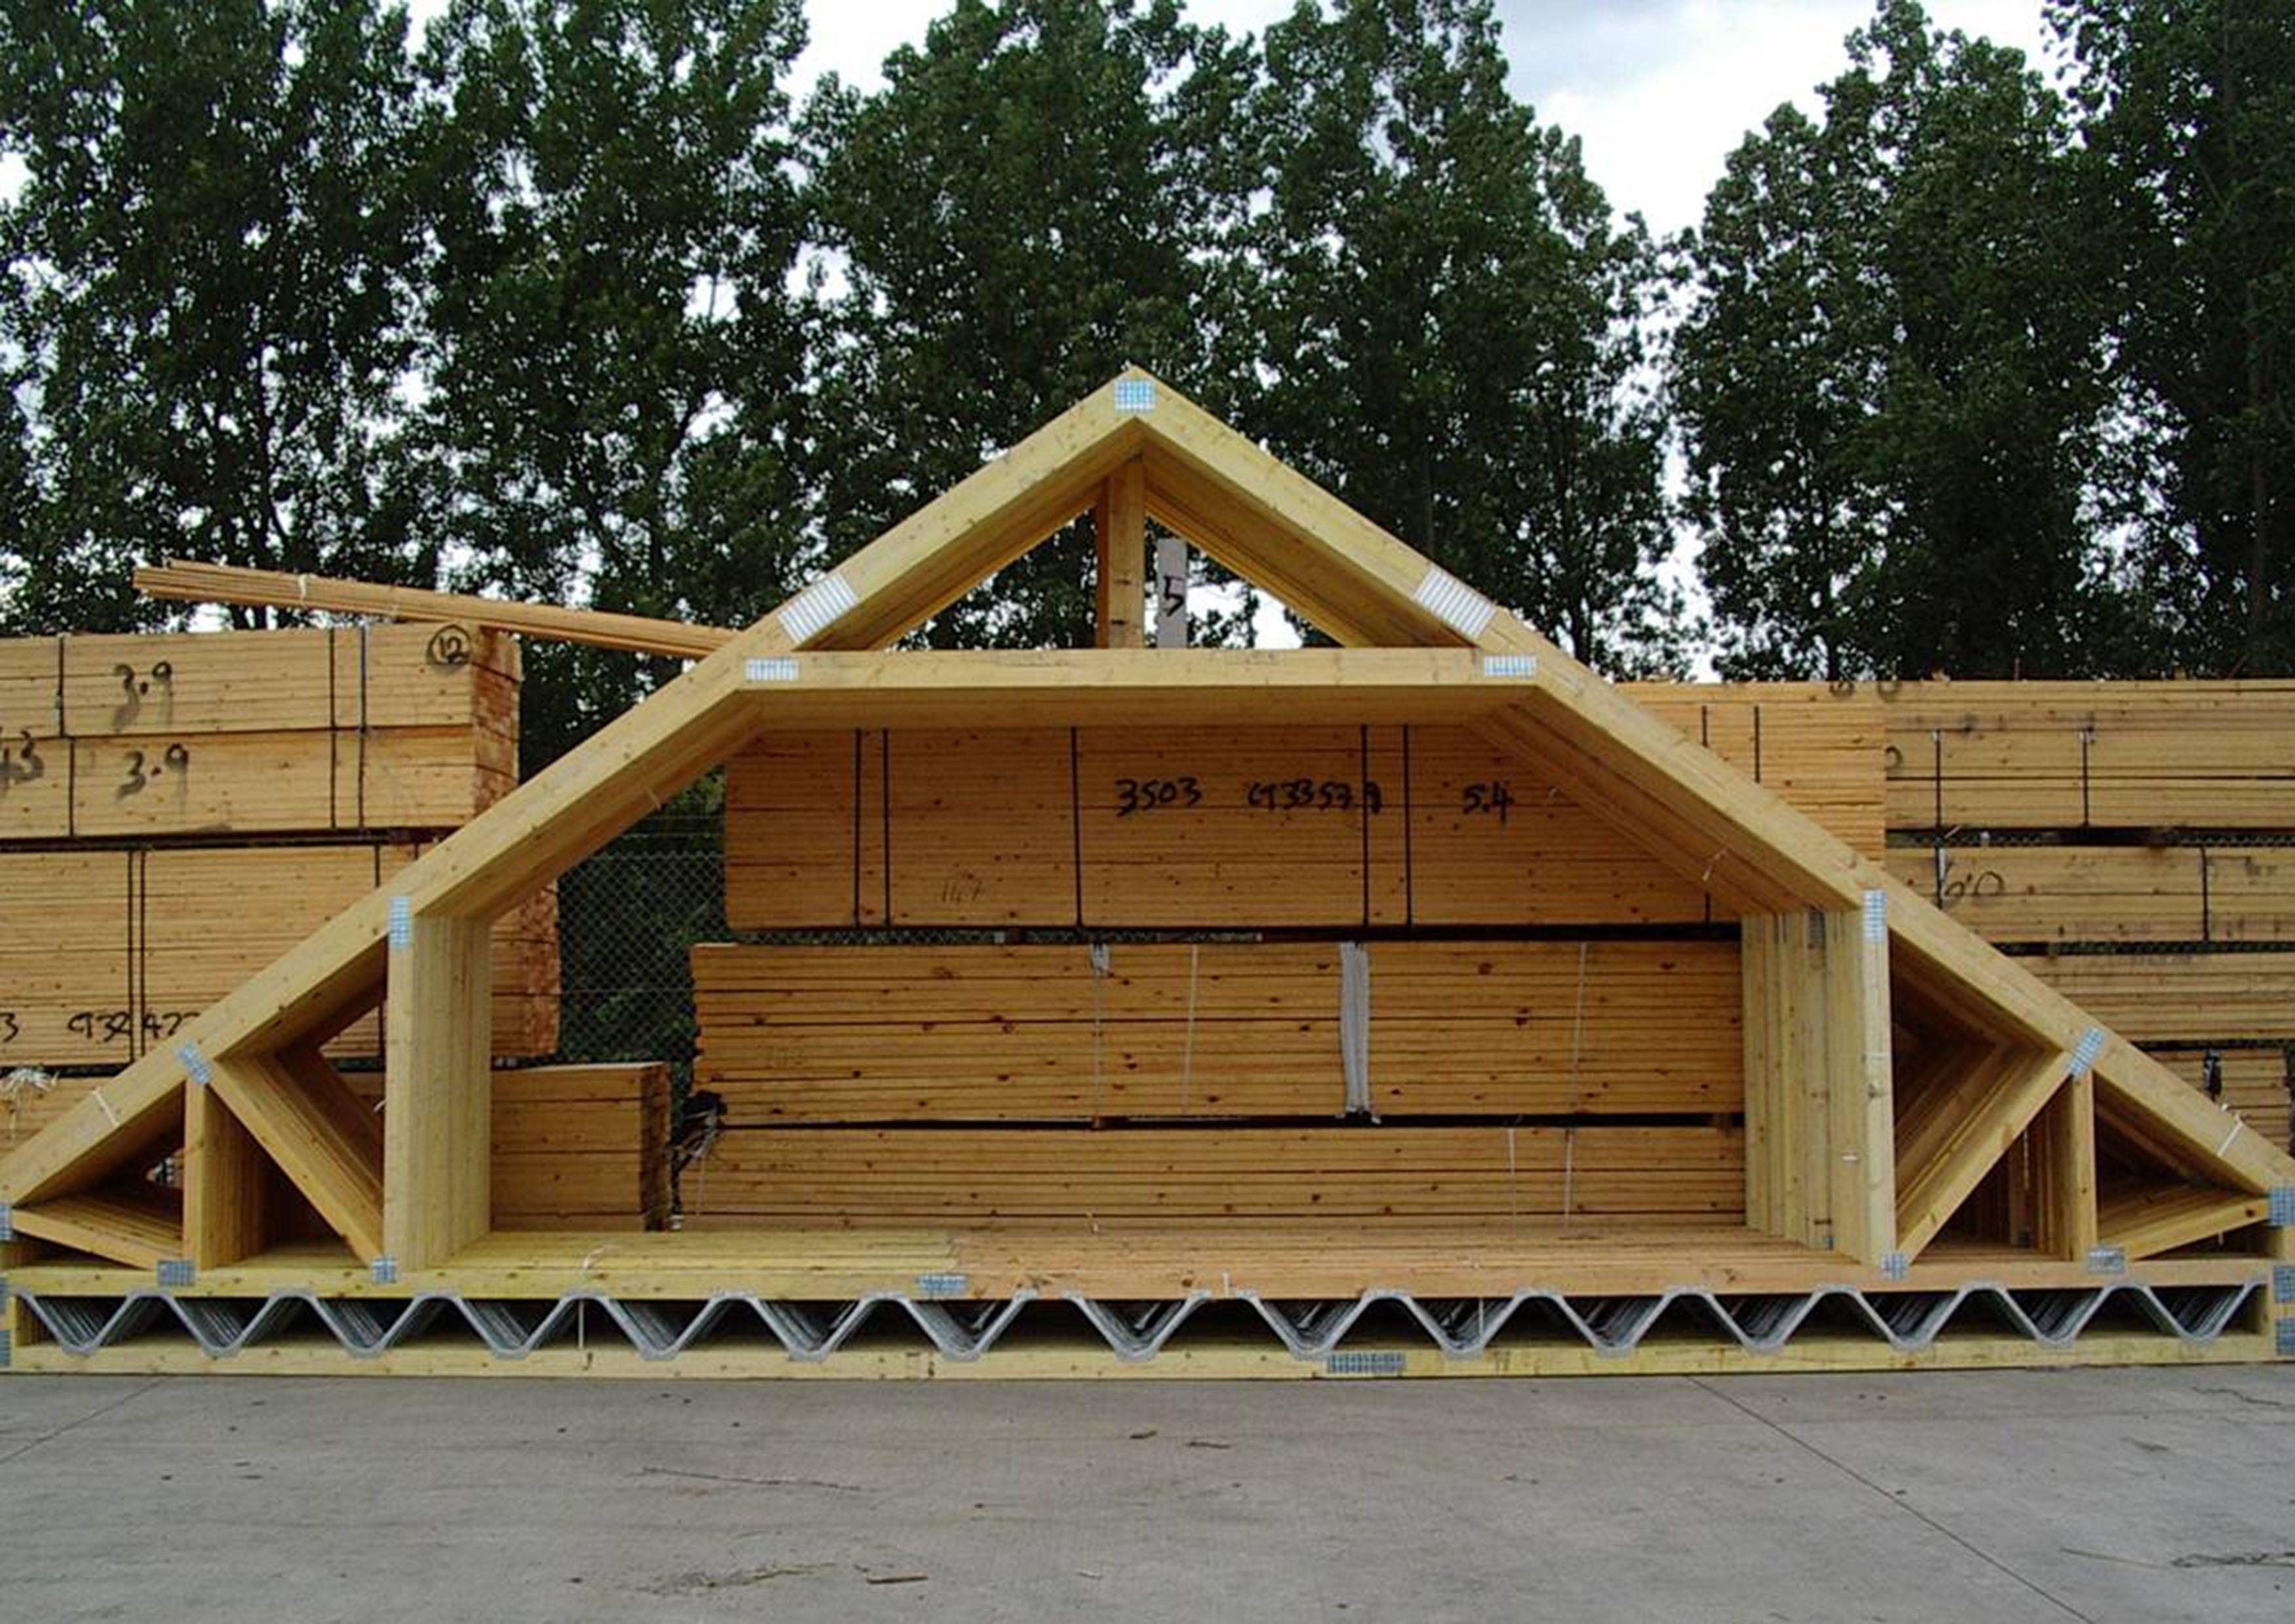 Attic Truss In 2020 Attic Truss Roof Truss Design House Roof